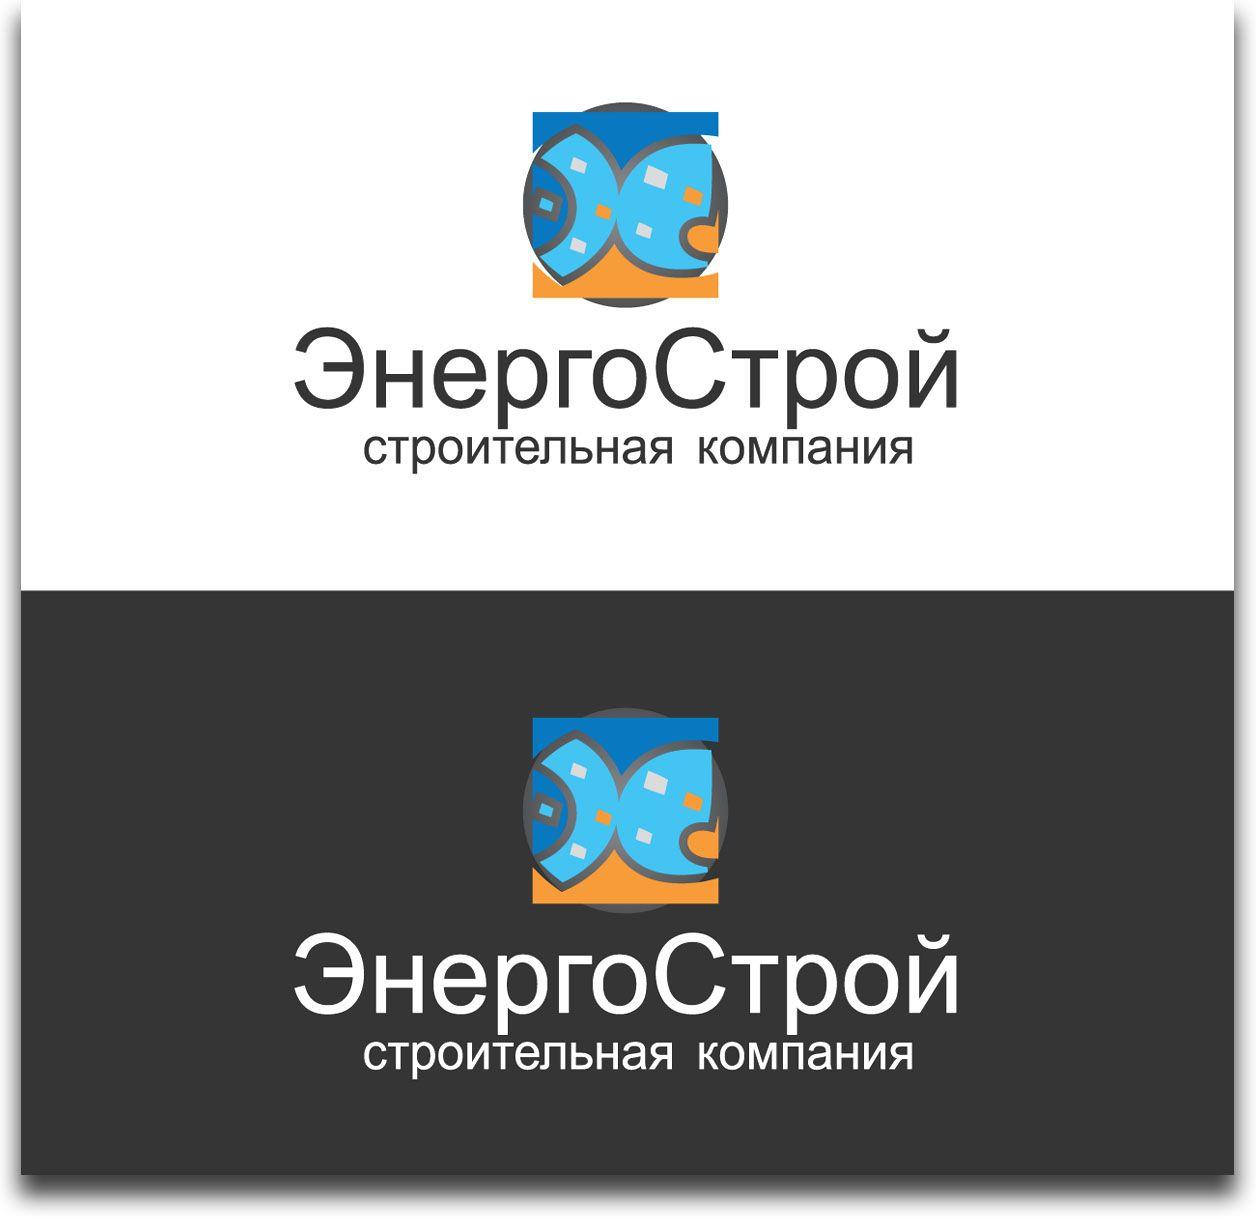 Фирменный стиль для компании ЭнергоСтрой - дизайнер LiXoOnshade